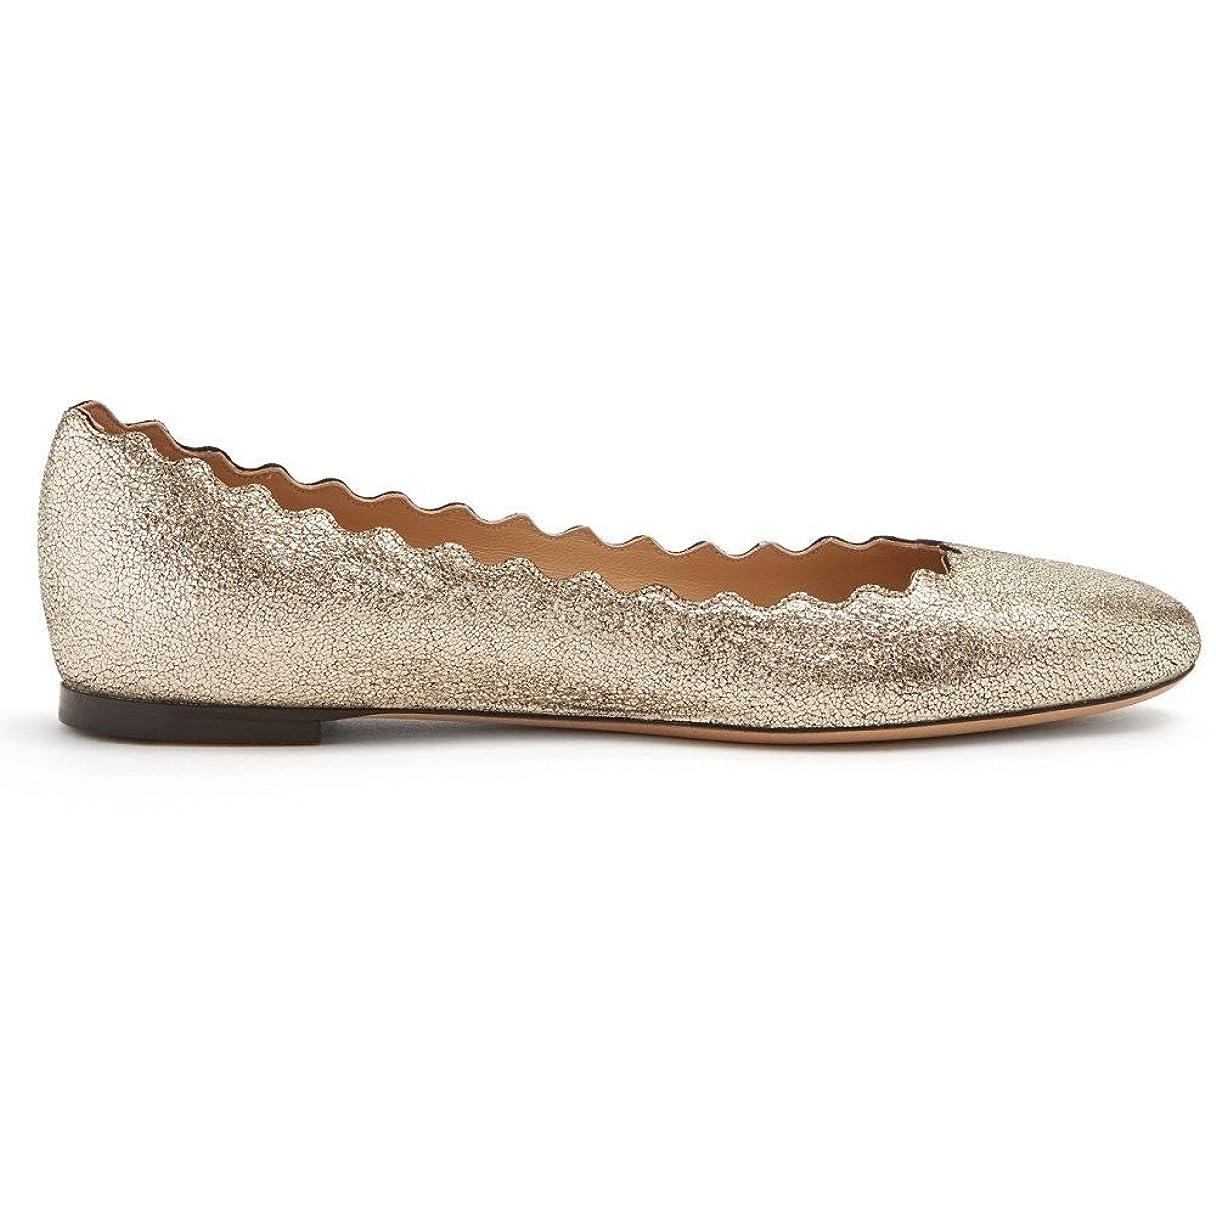 トーナメントおとこ誕生(クロエ) Chloe レディース シューズ?靴 スリッポン?フラット Lauren scallop-edged leather flats [並行輸入品]